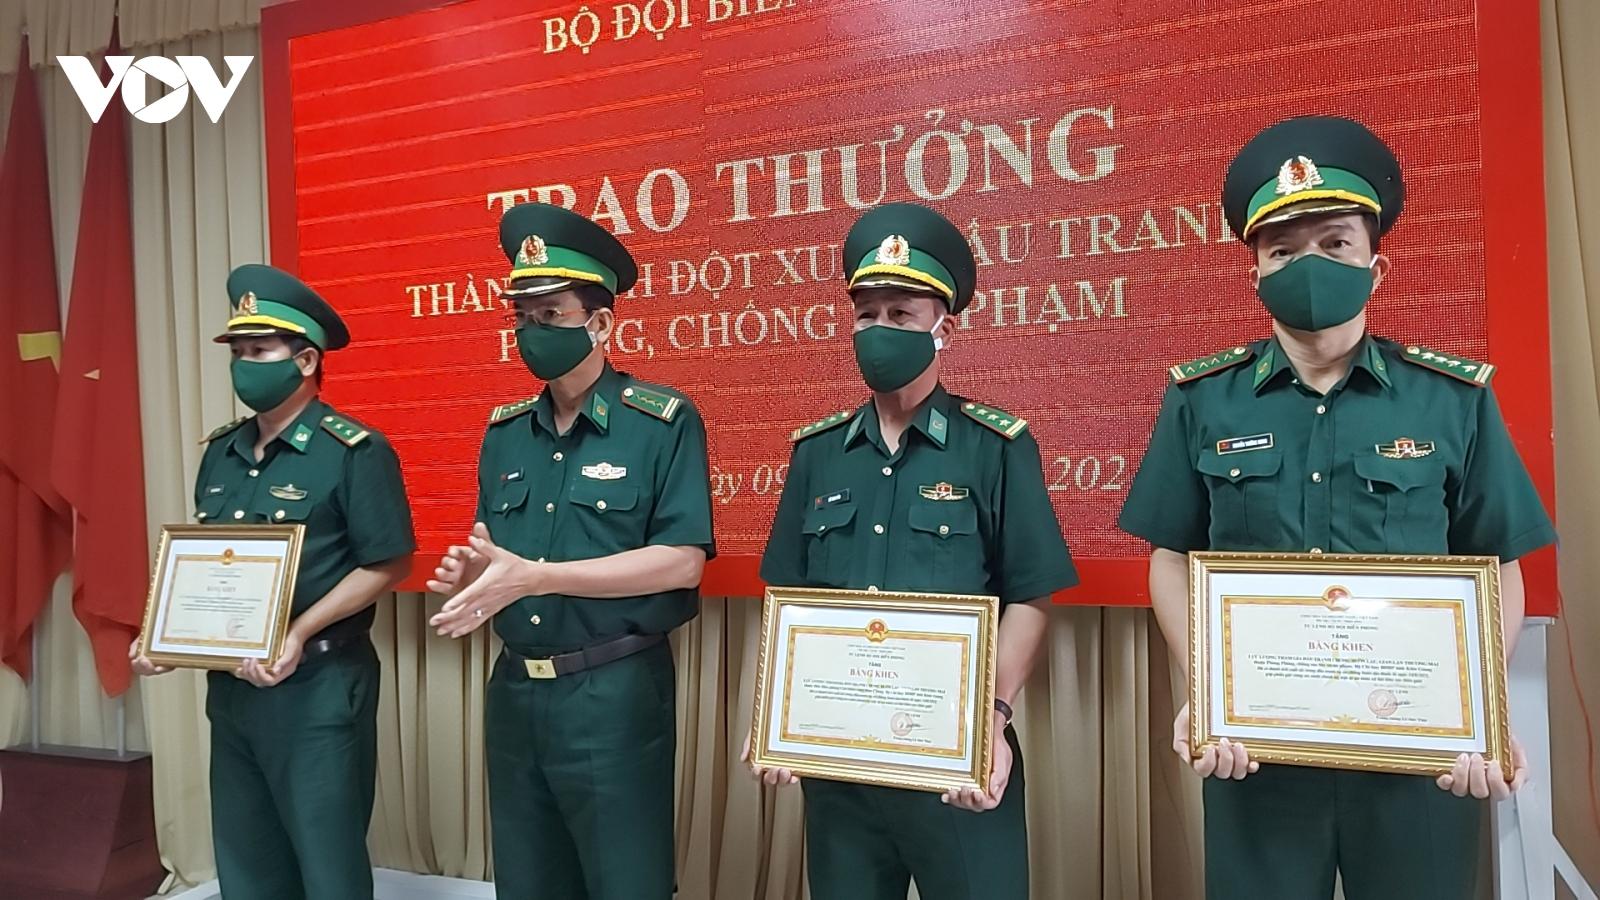 Thưởng đột xuất 4 tập thể có thành tích đặc biệt xuất sắc trong phòng chống buôn lậu